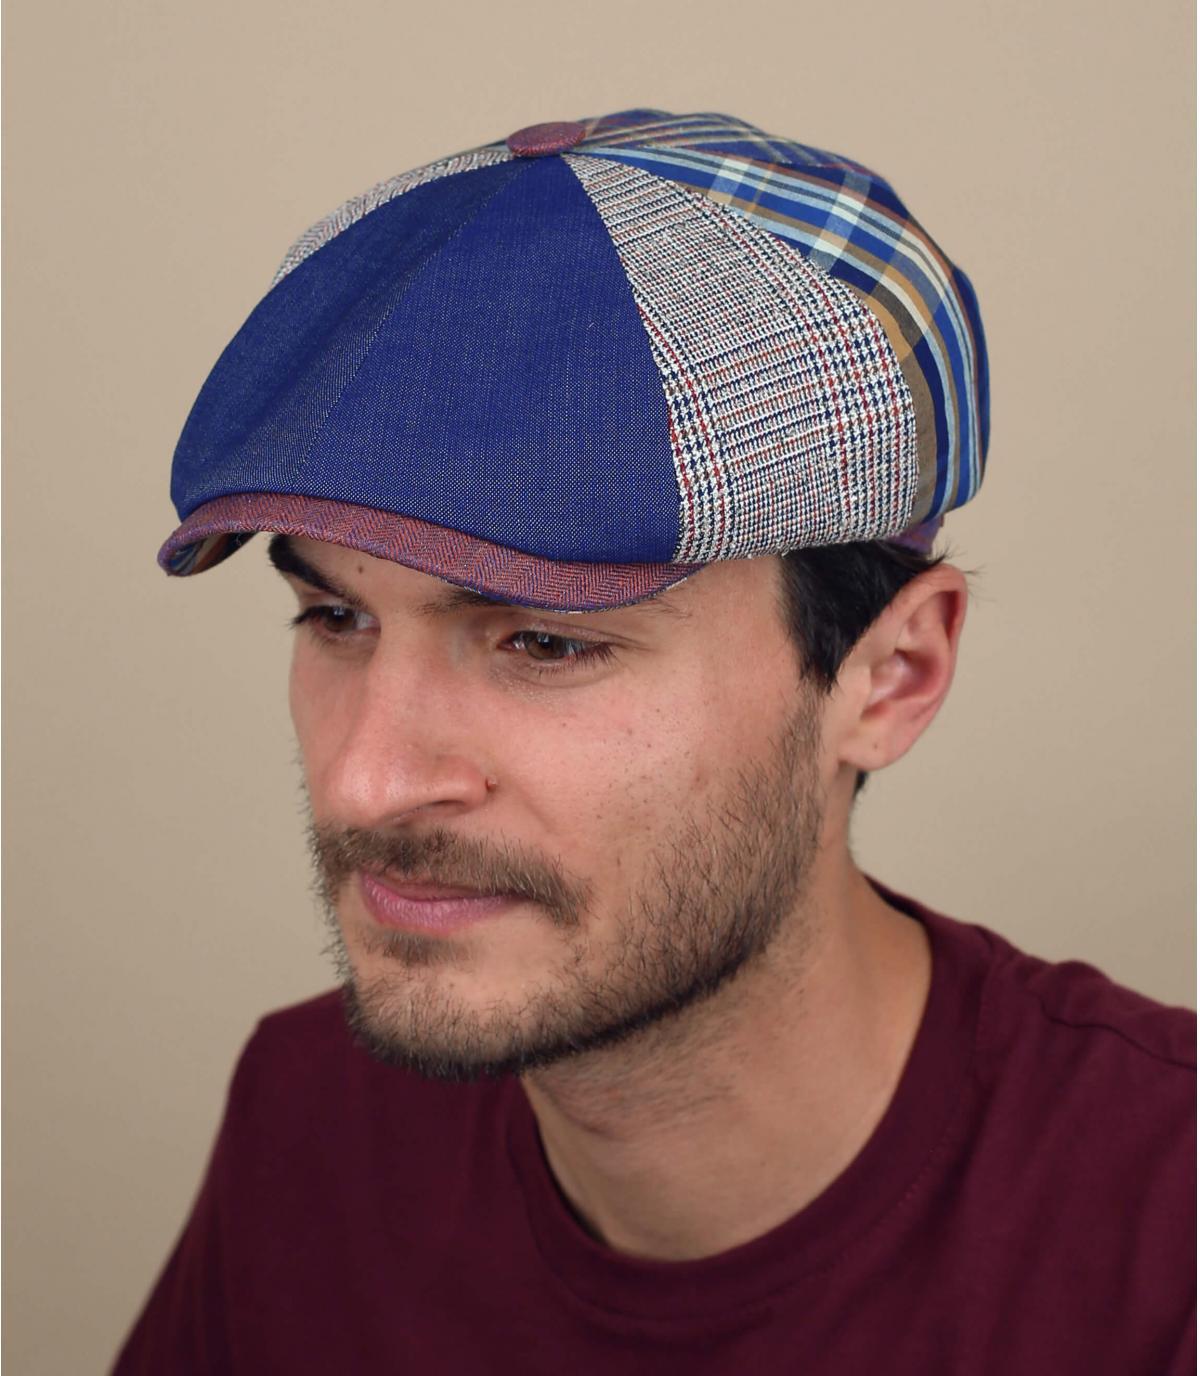 Cappello alla gavroche patchwork